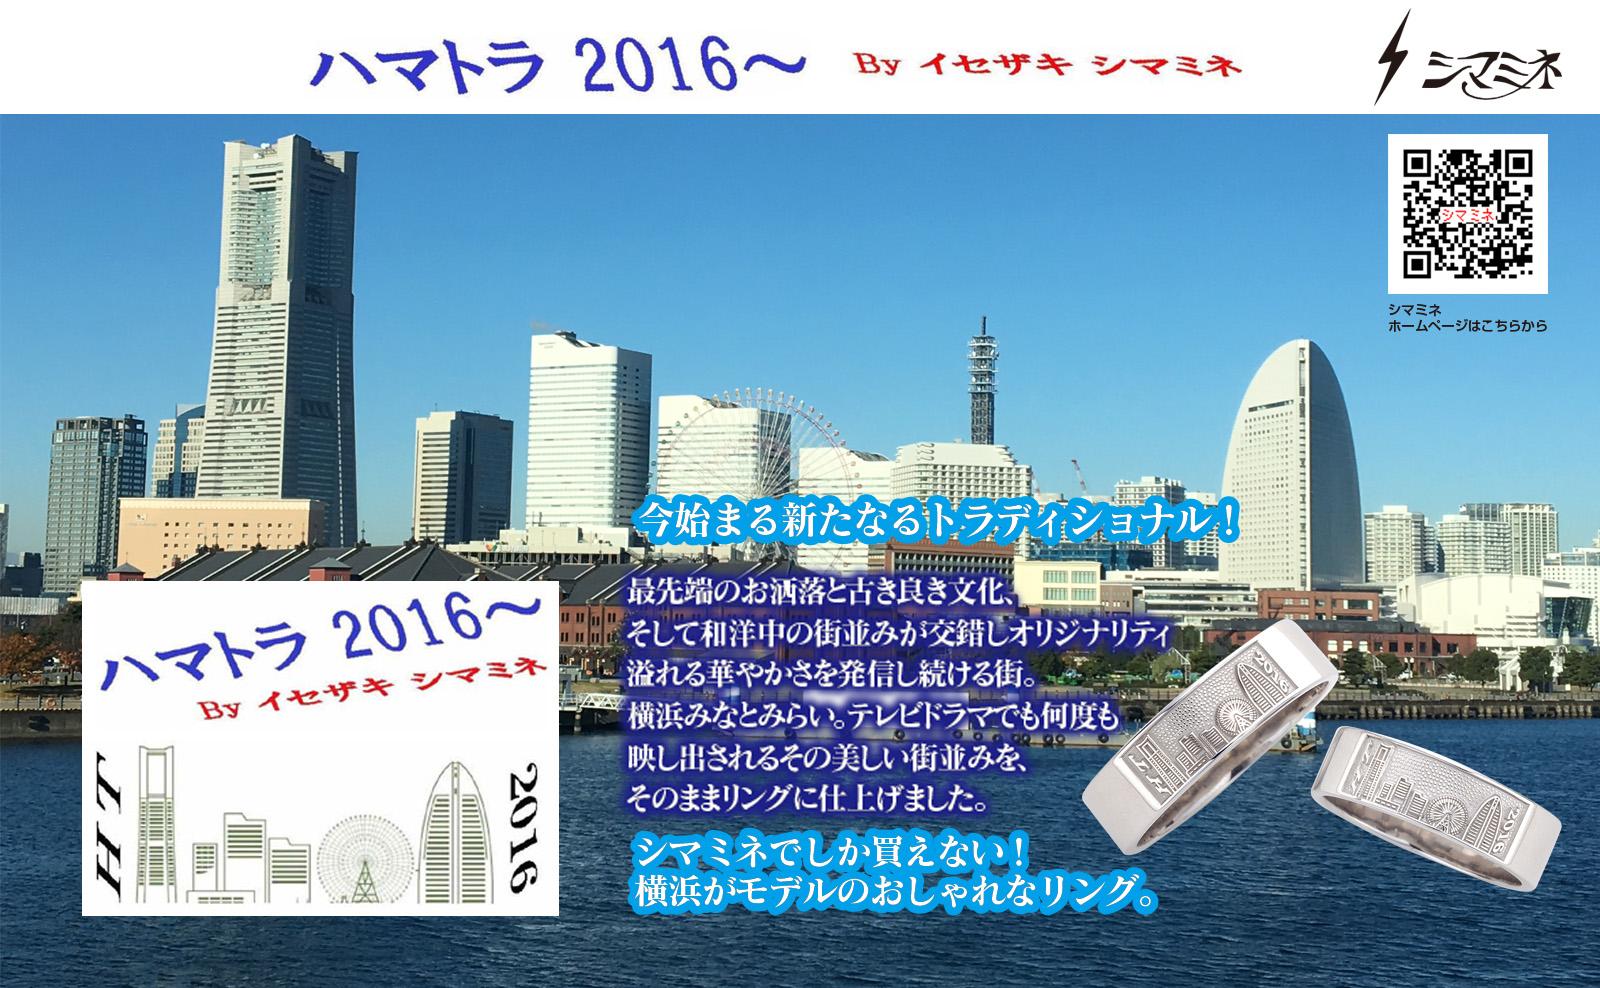 ハマトラ 2016〜